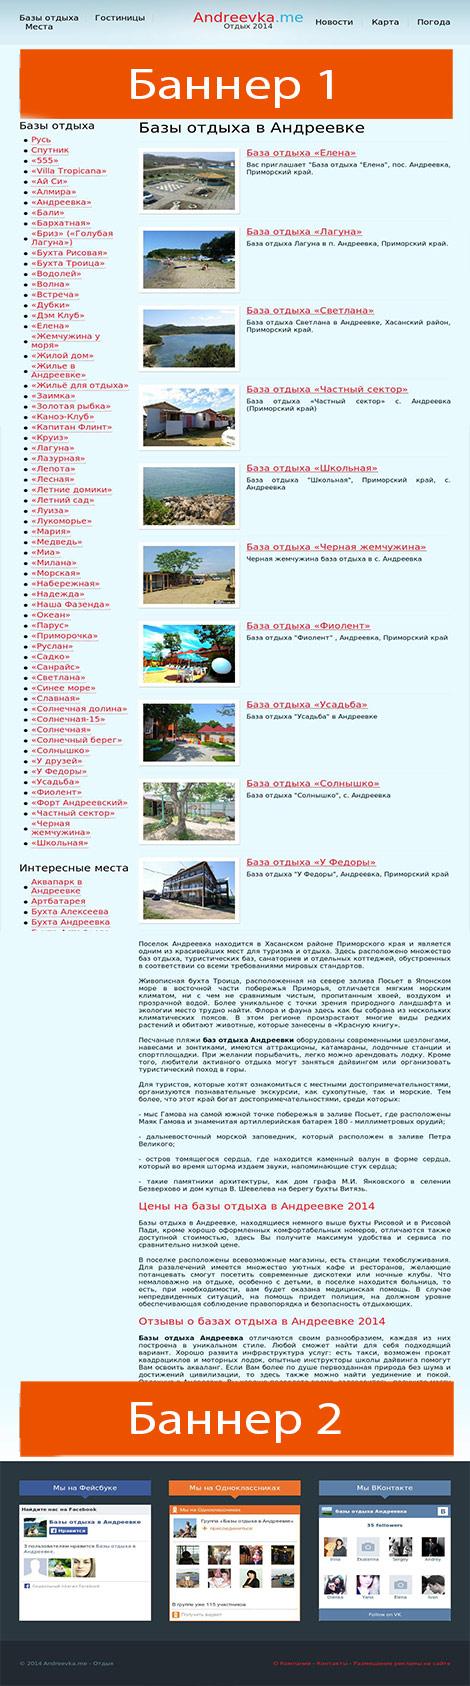 схема размещения рекламы на сайте andreevka.me  height=